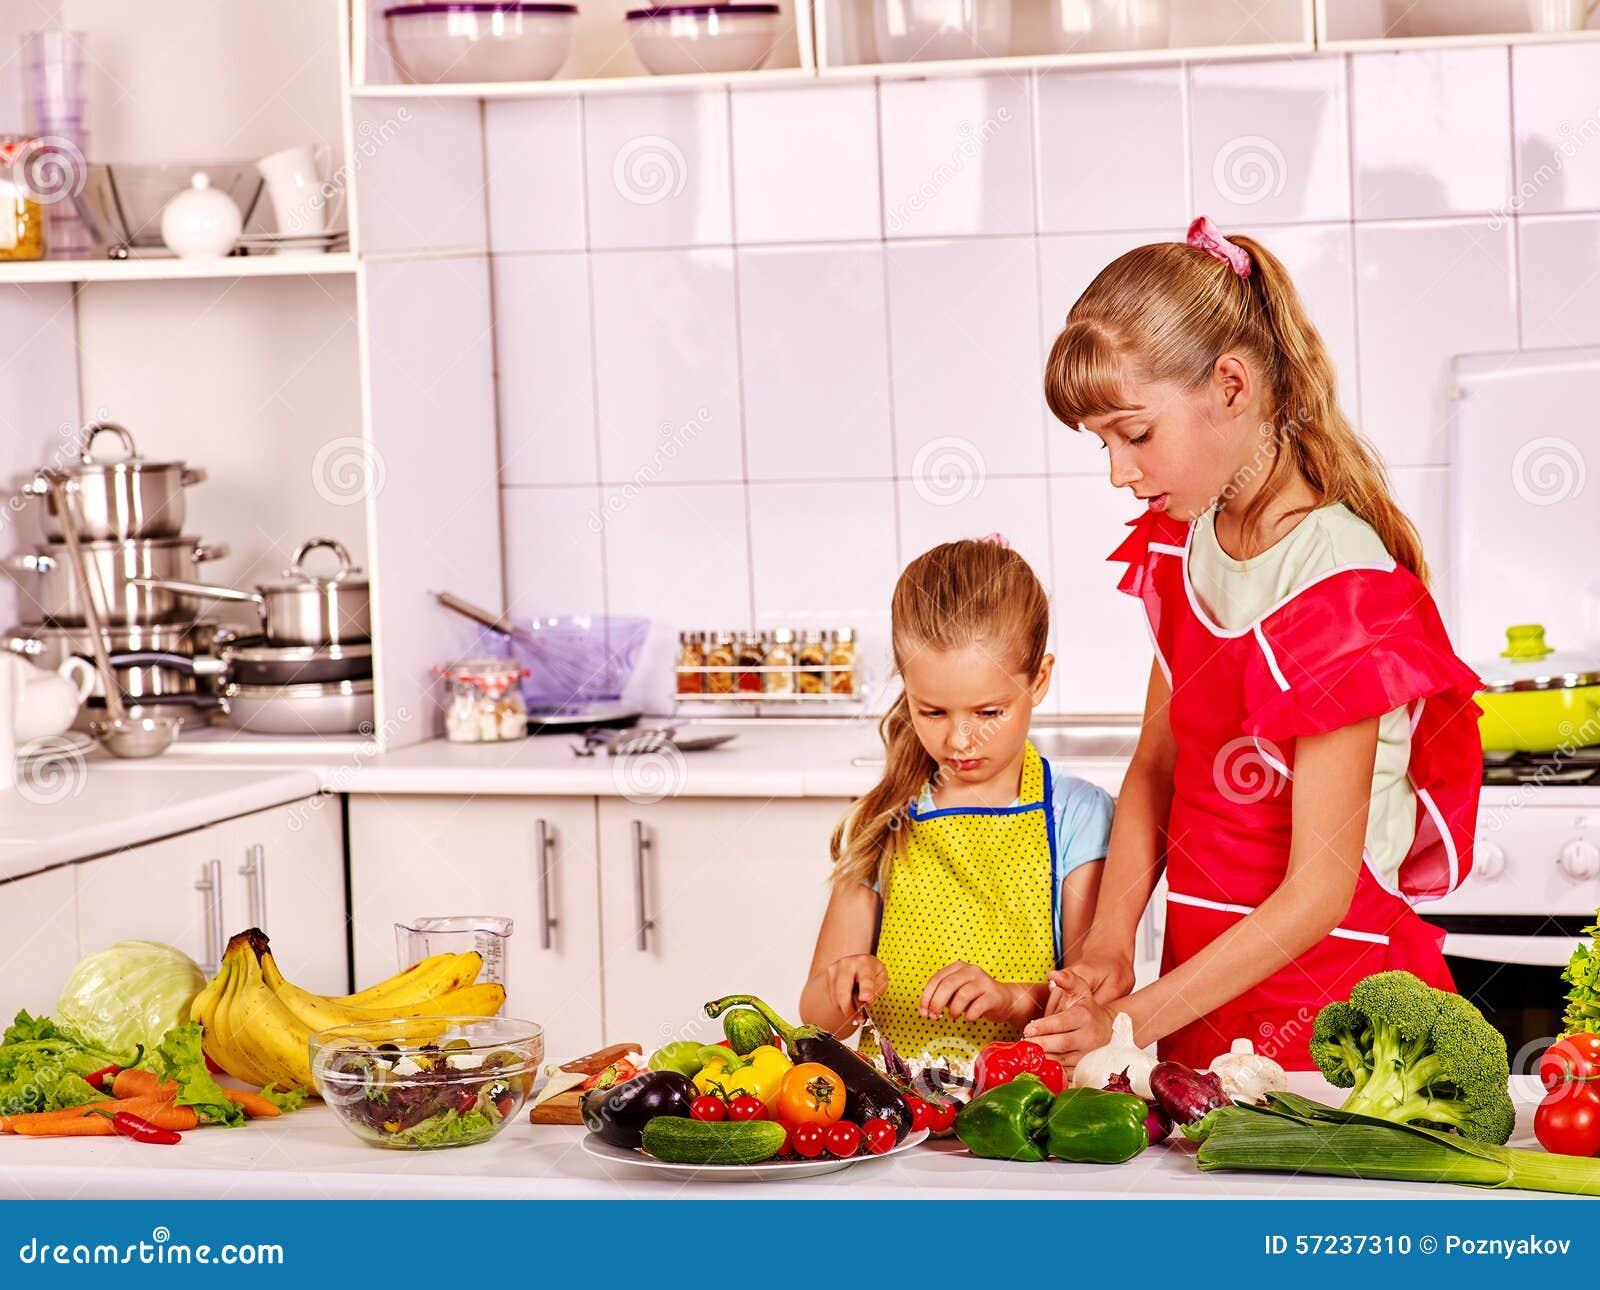 Keuken Voor Kinderen : Kinderen die bij keuken koken stock foto afbeelding bestaande